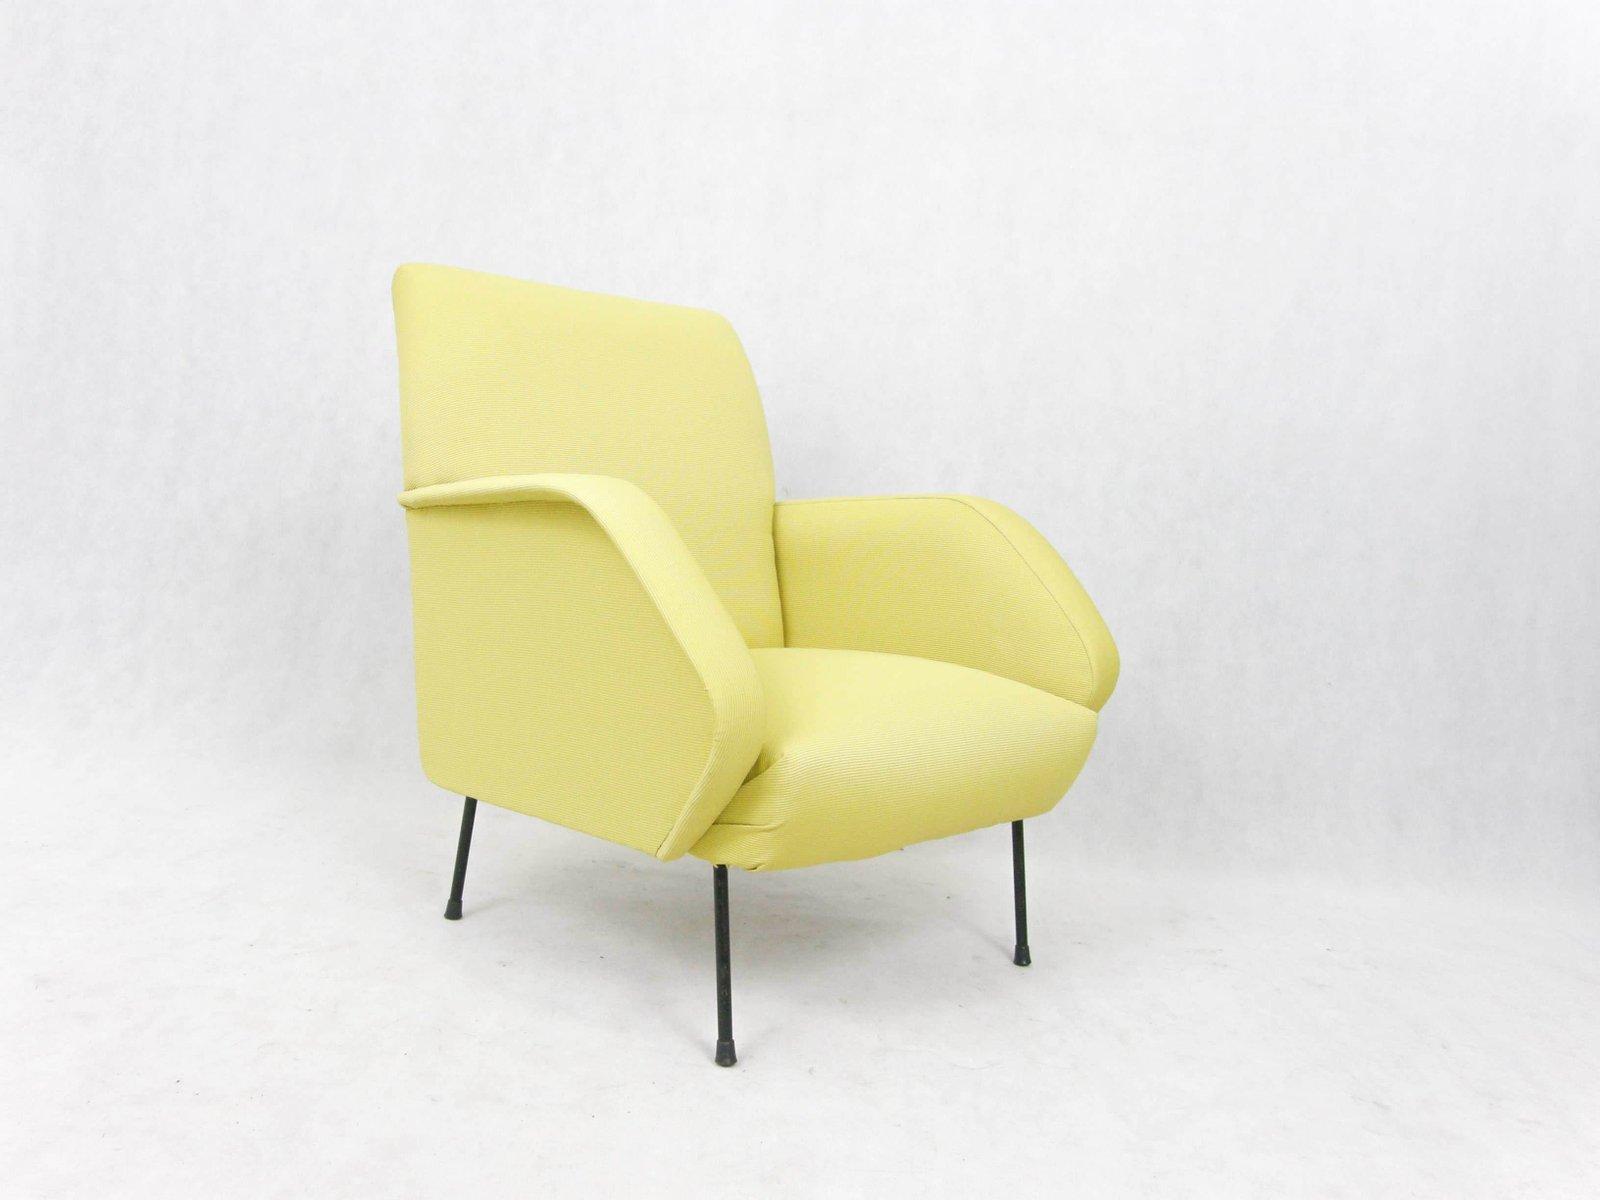 Gelbe italienische vintage sessel 2er set bei pamono kaufen for Sessel italienisches design